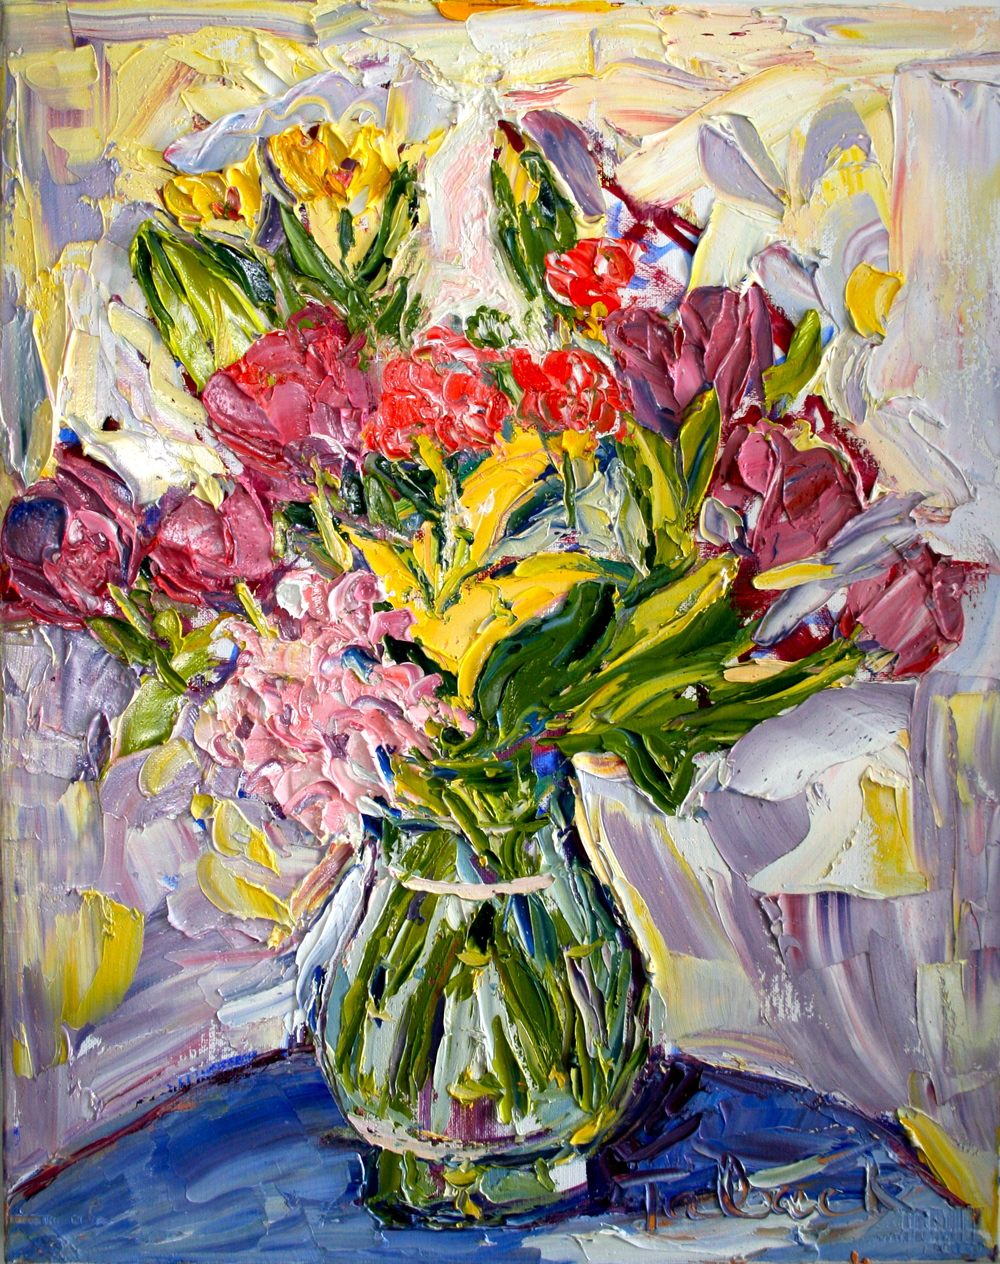 flowers-for-louisa-16x20-575.jpg